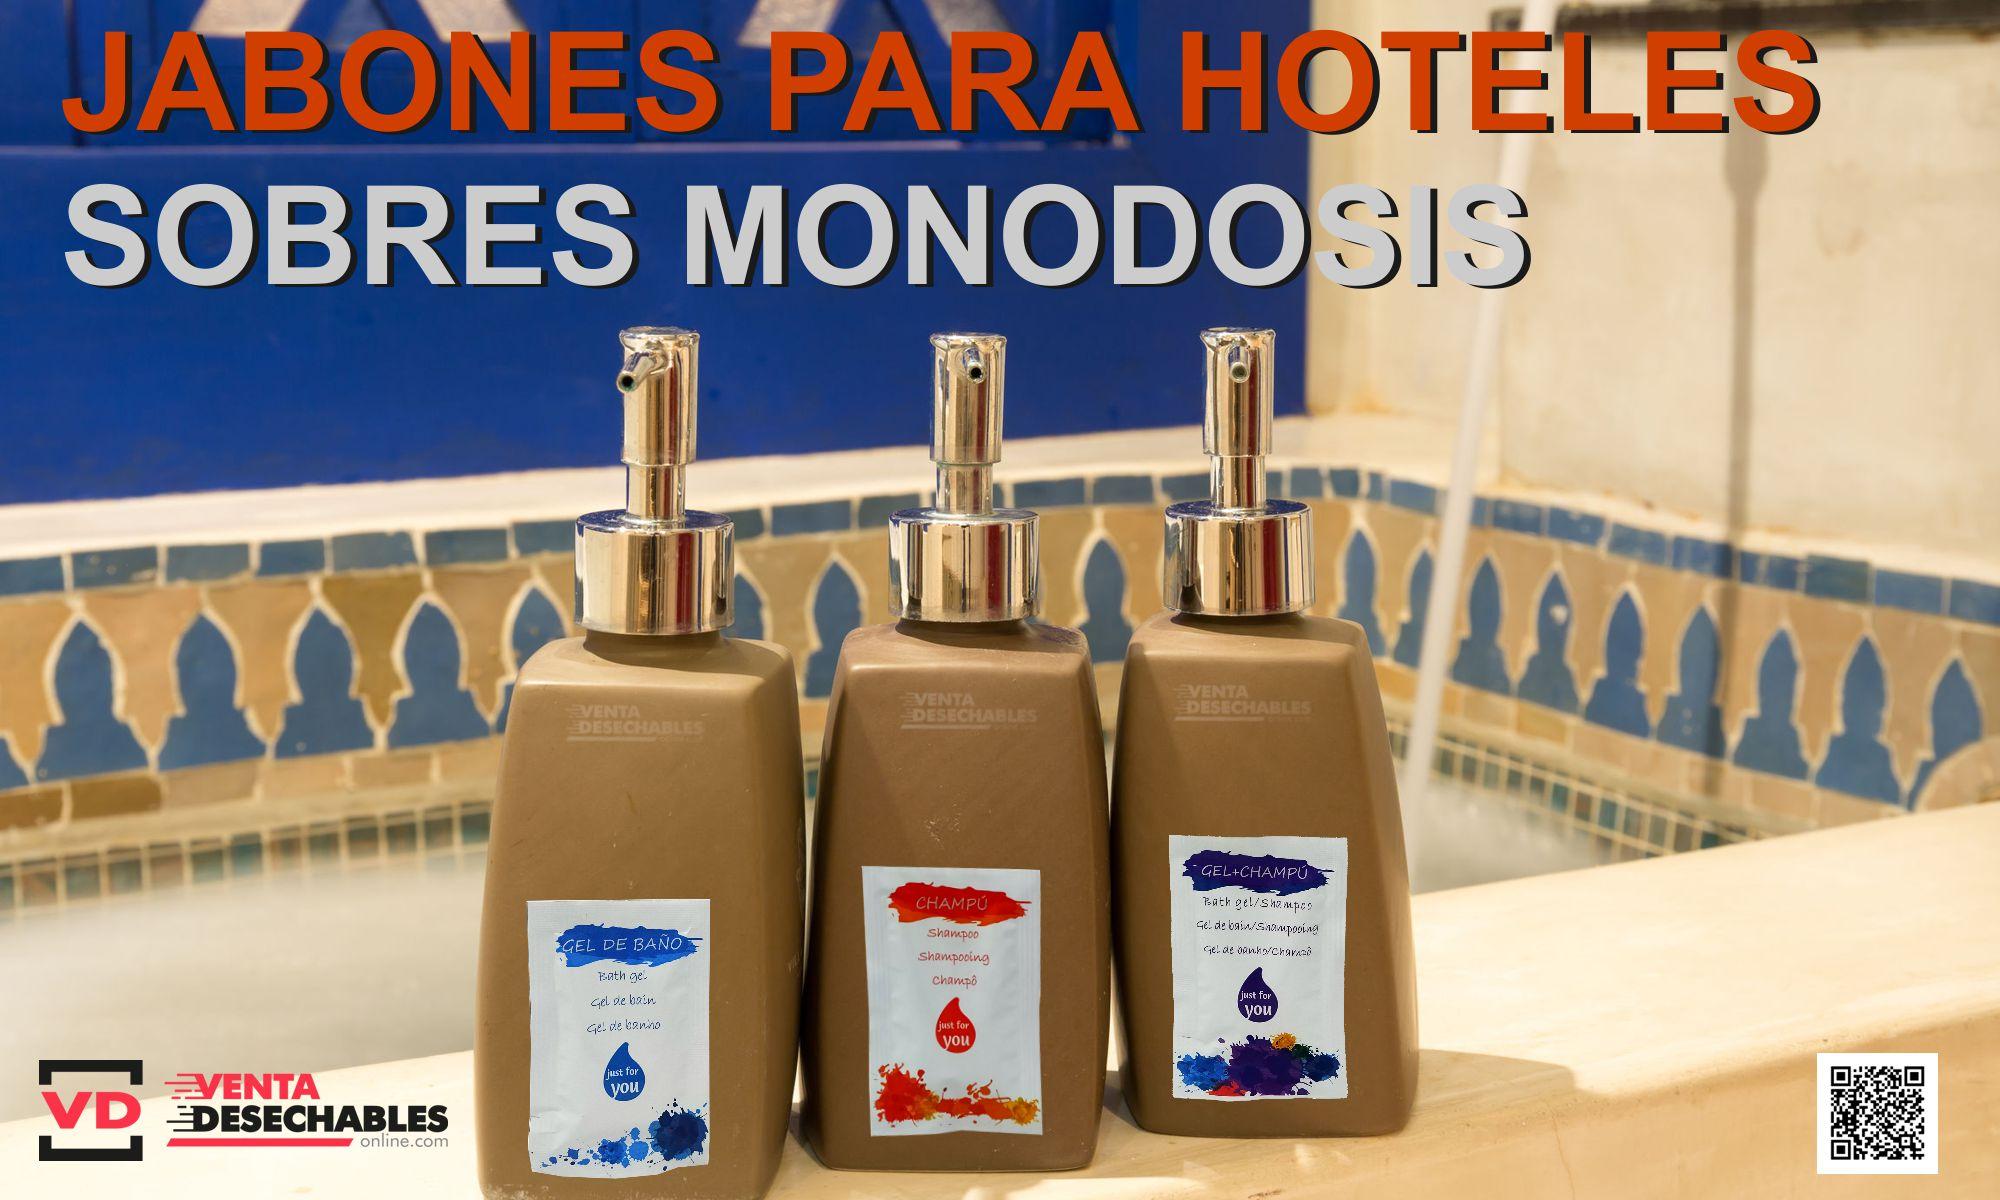 Jabones para hoteles en sobres monodosis